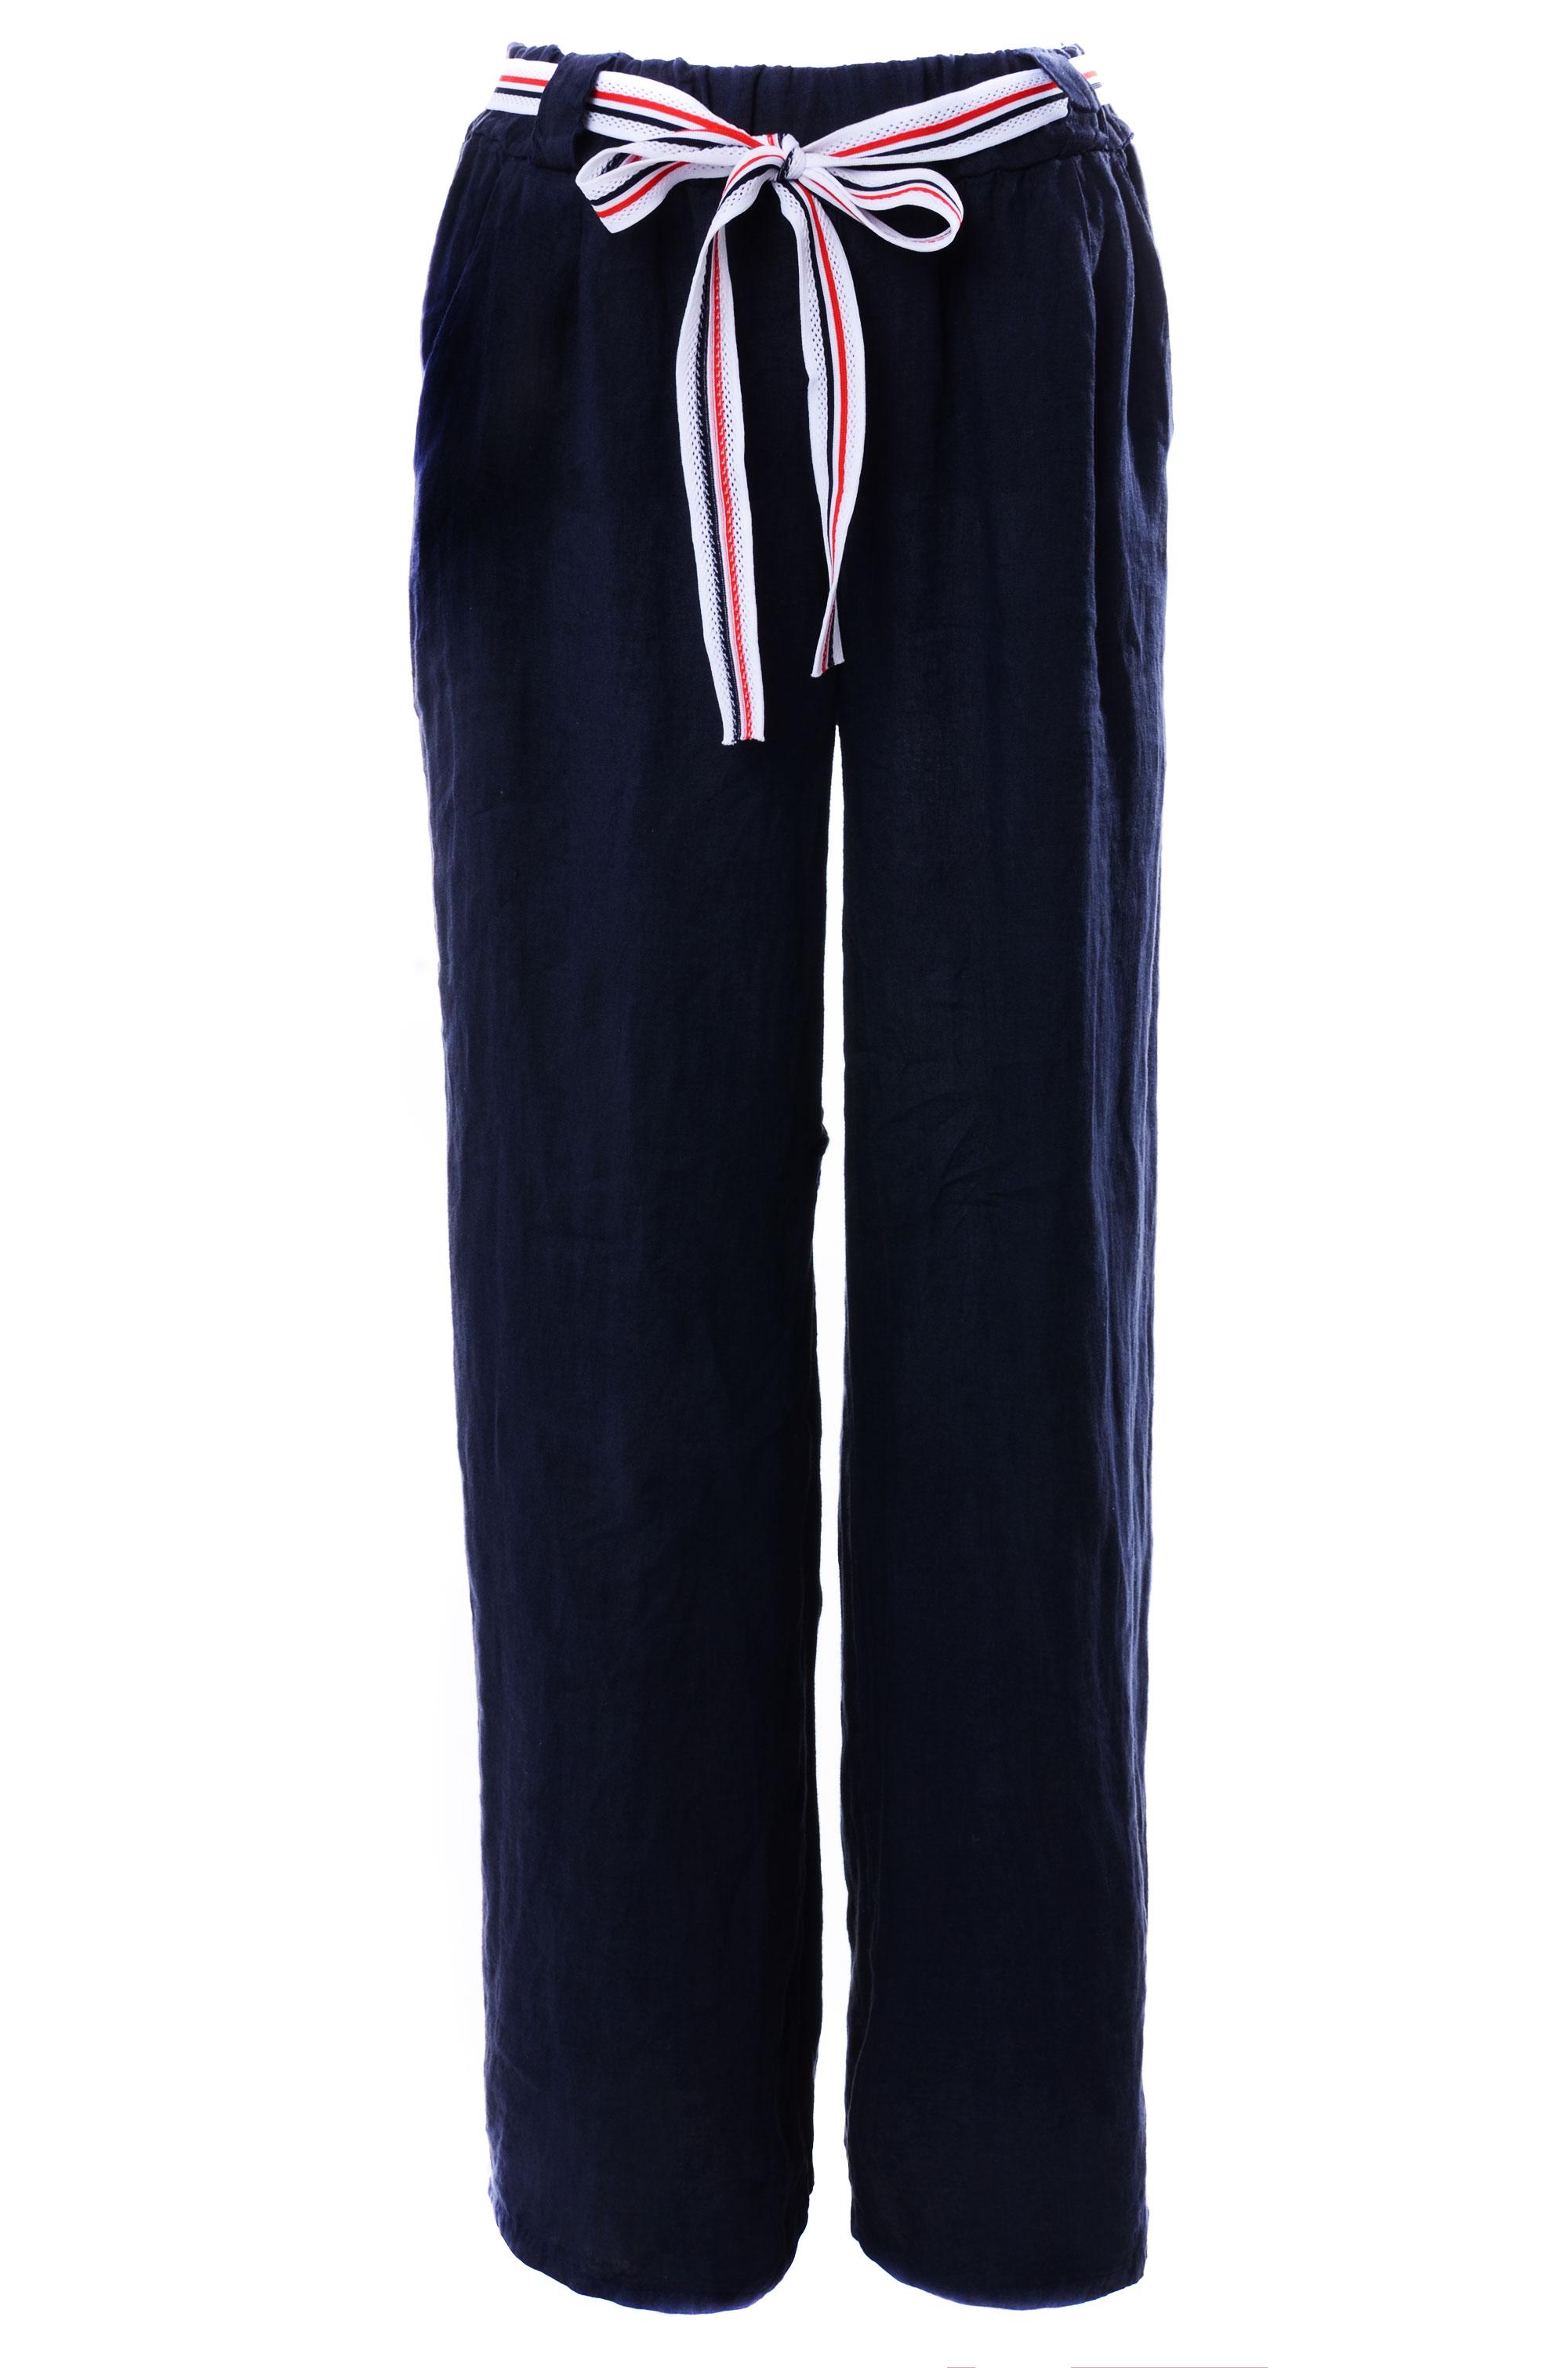 Spodnie - 114-2027 BLSC - Unisono